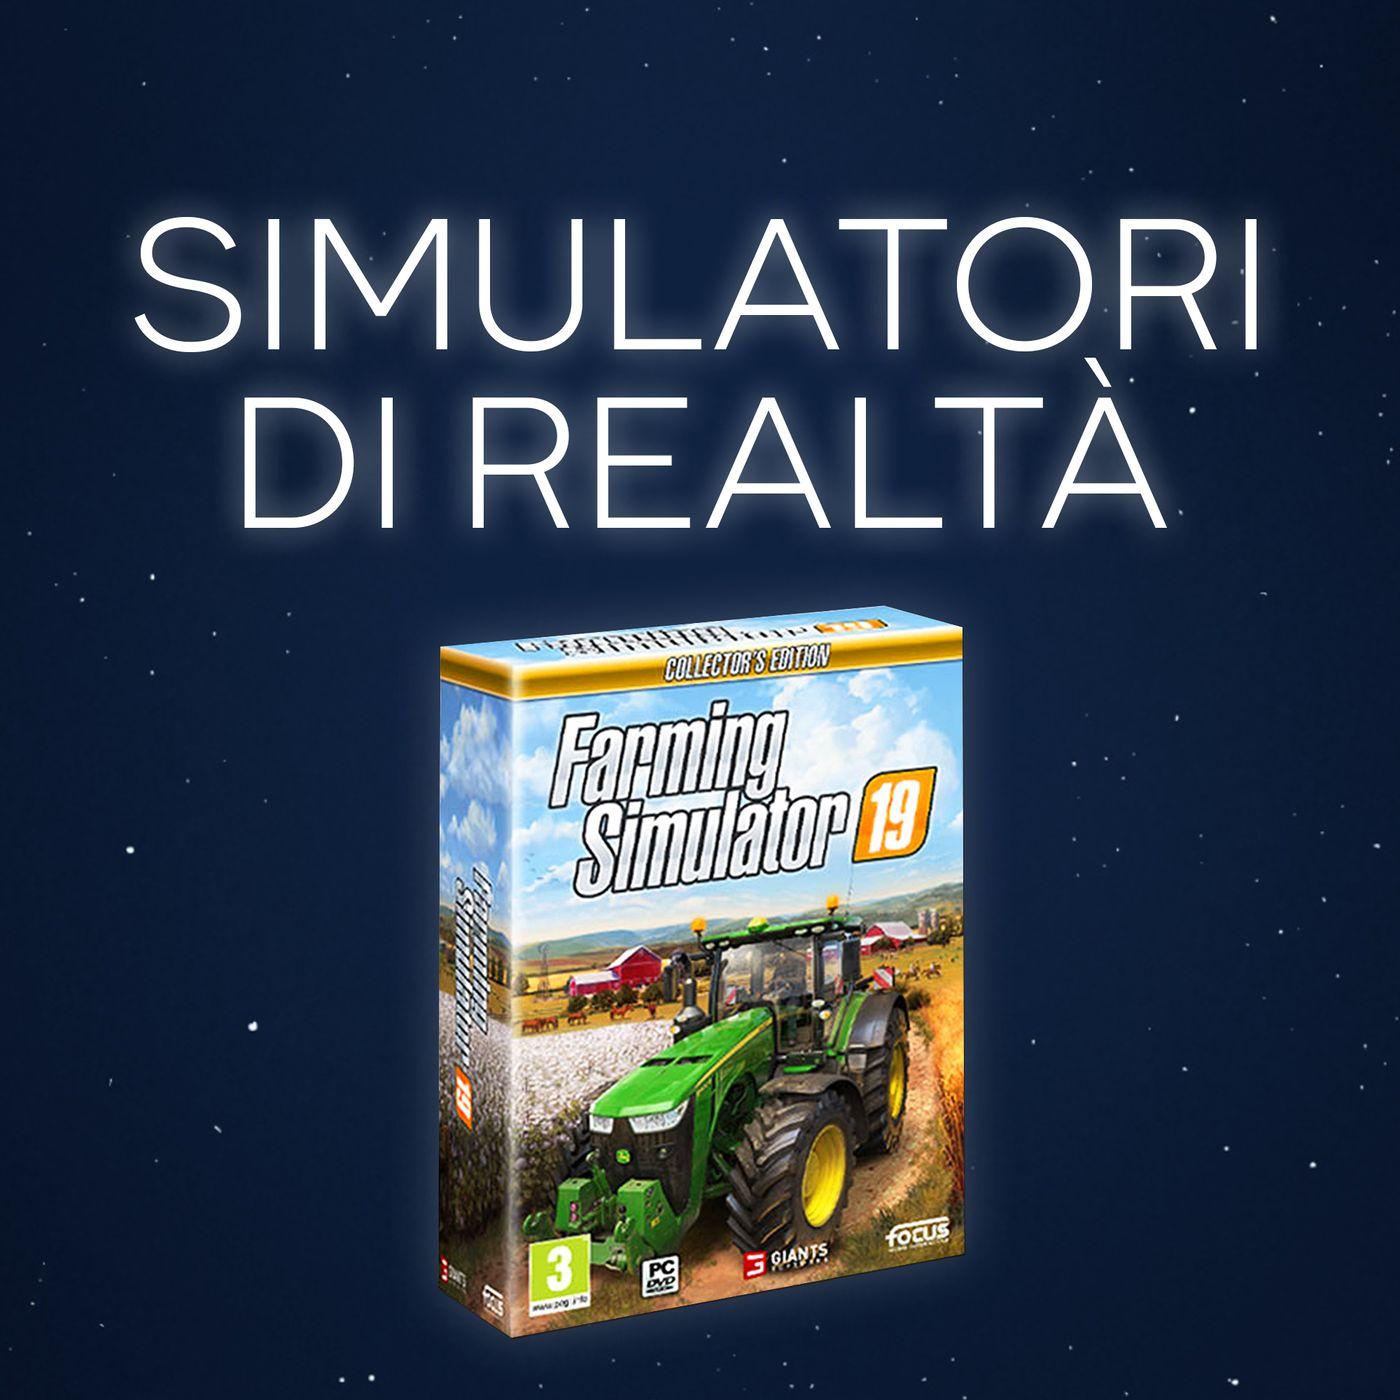 Simulatori di realtà